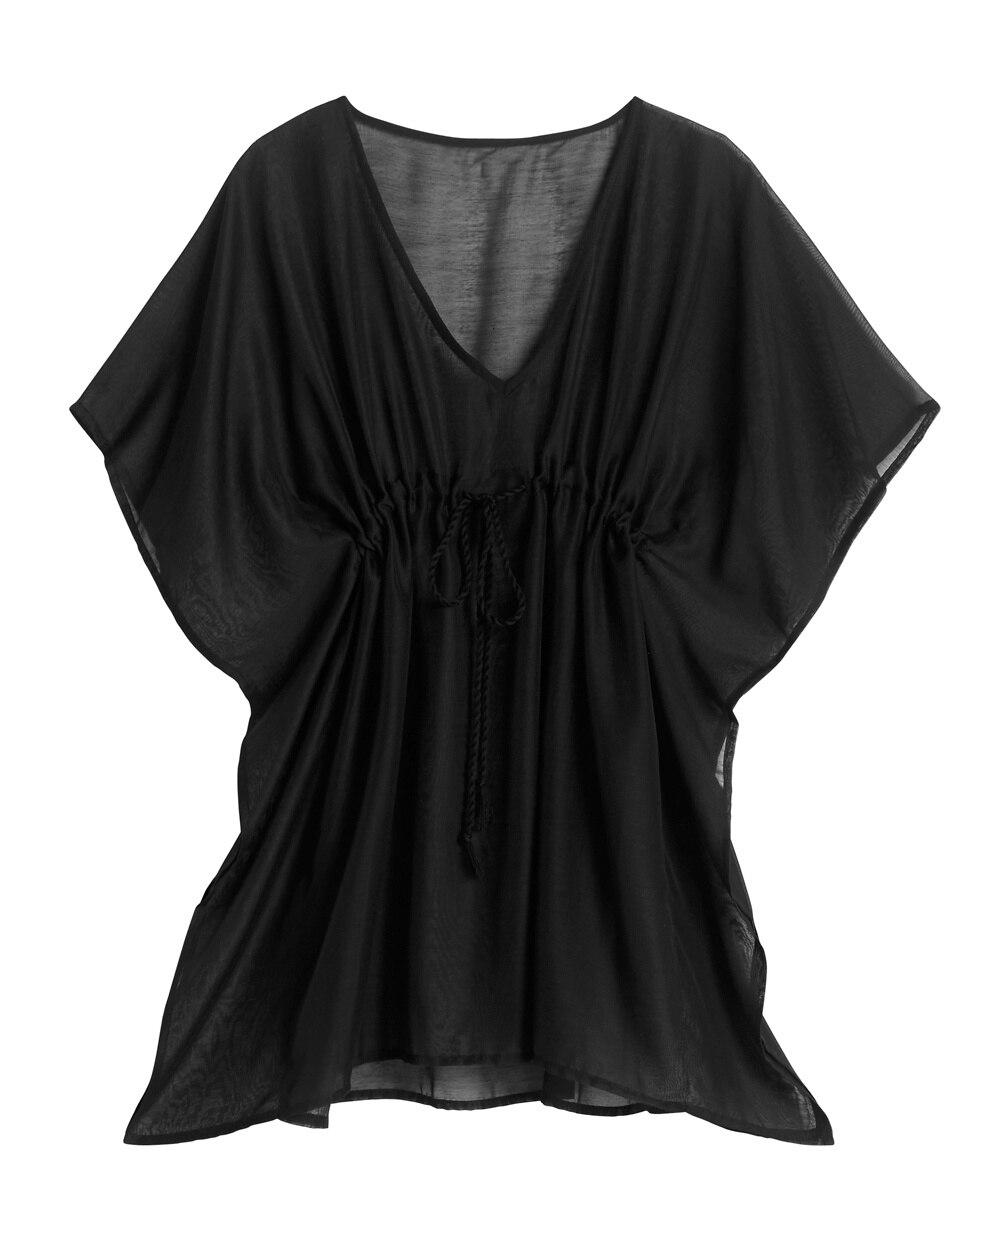 5c7d38f0f6 Return to thumbnail image selection Black Swim Cover-Up Dress